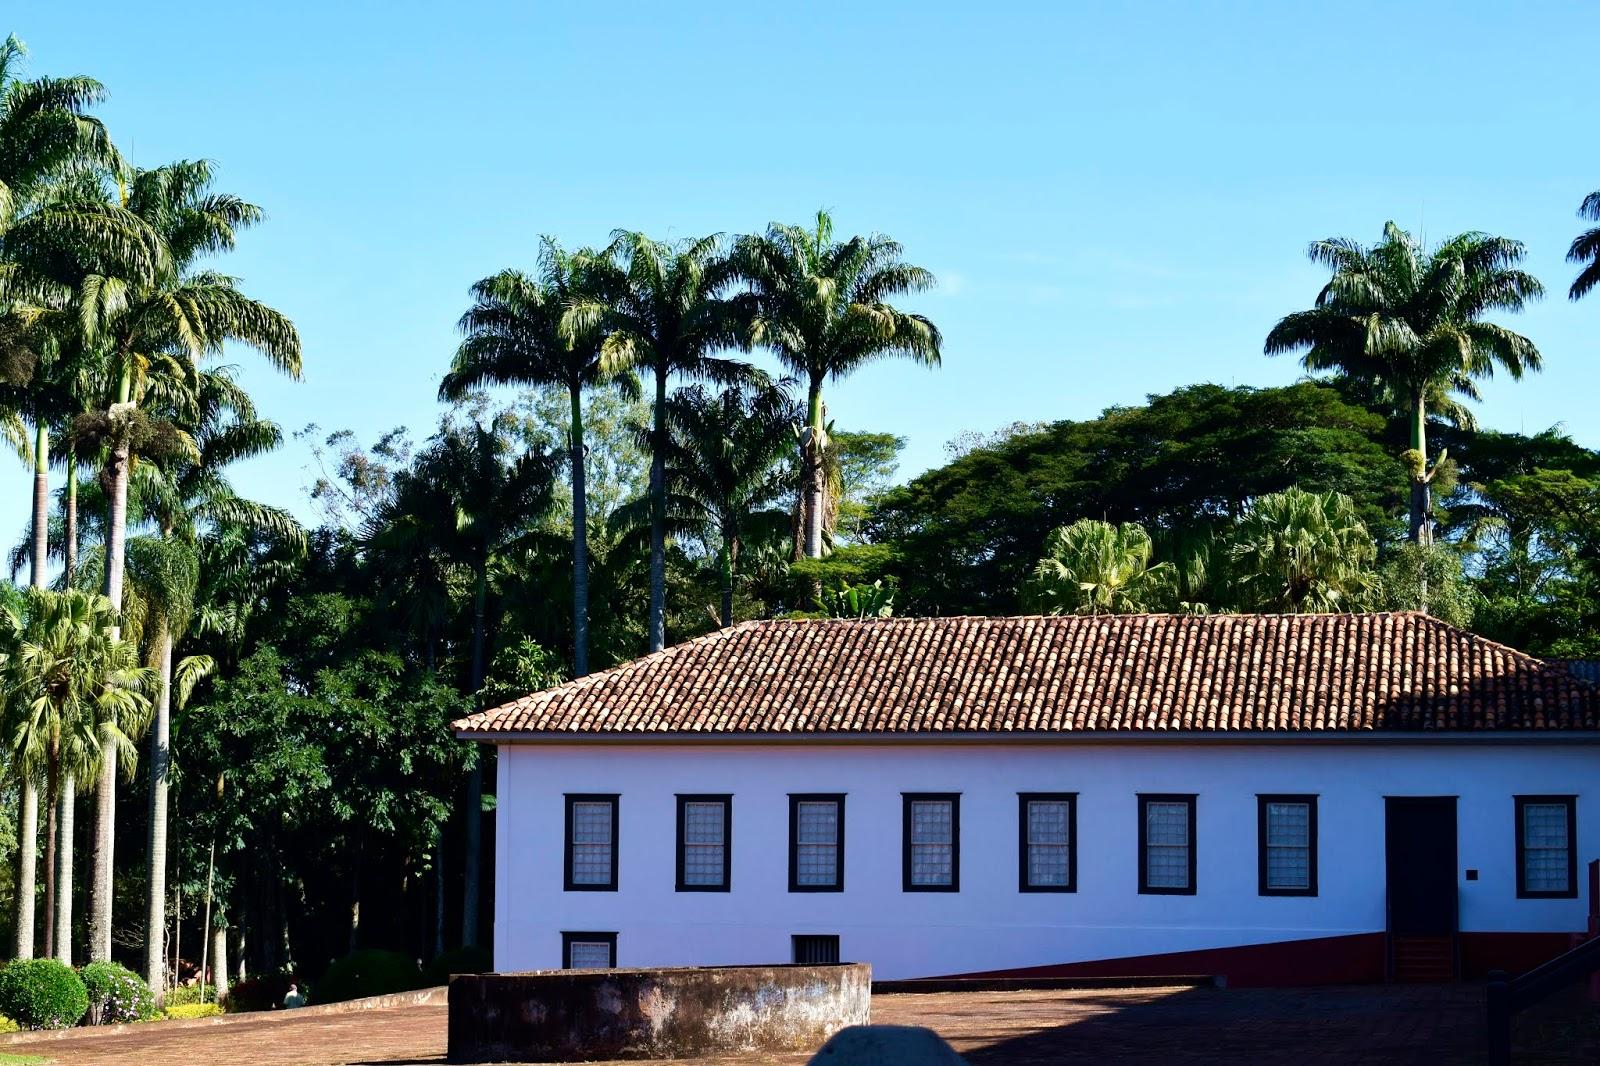 Casa do Pinha - Lugares para visitar no interior de SP